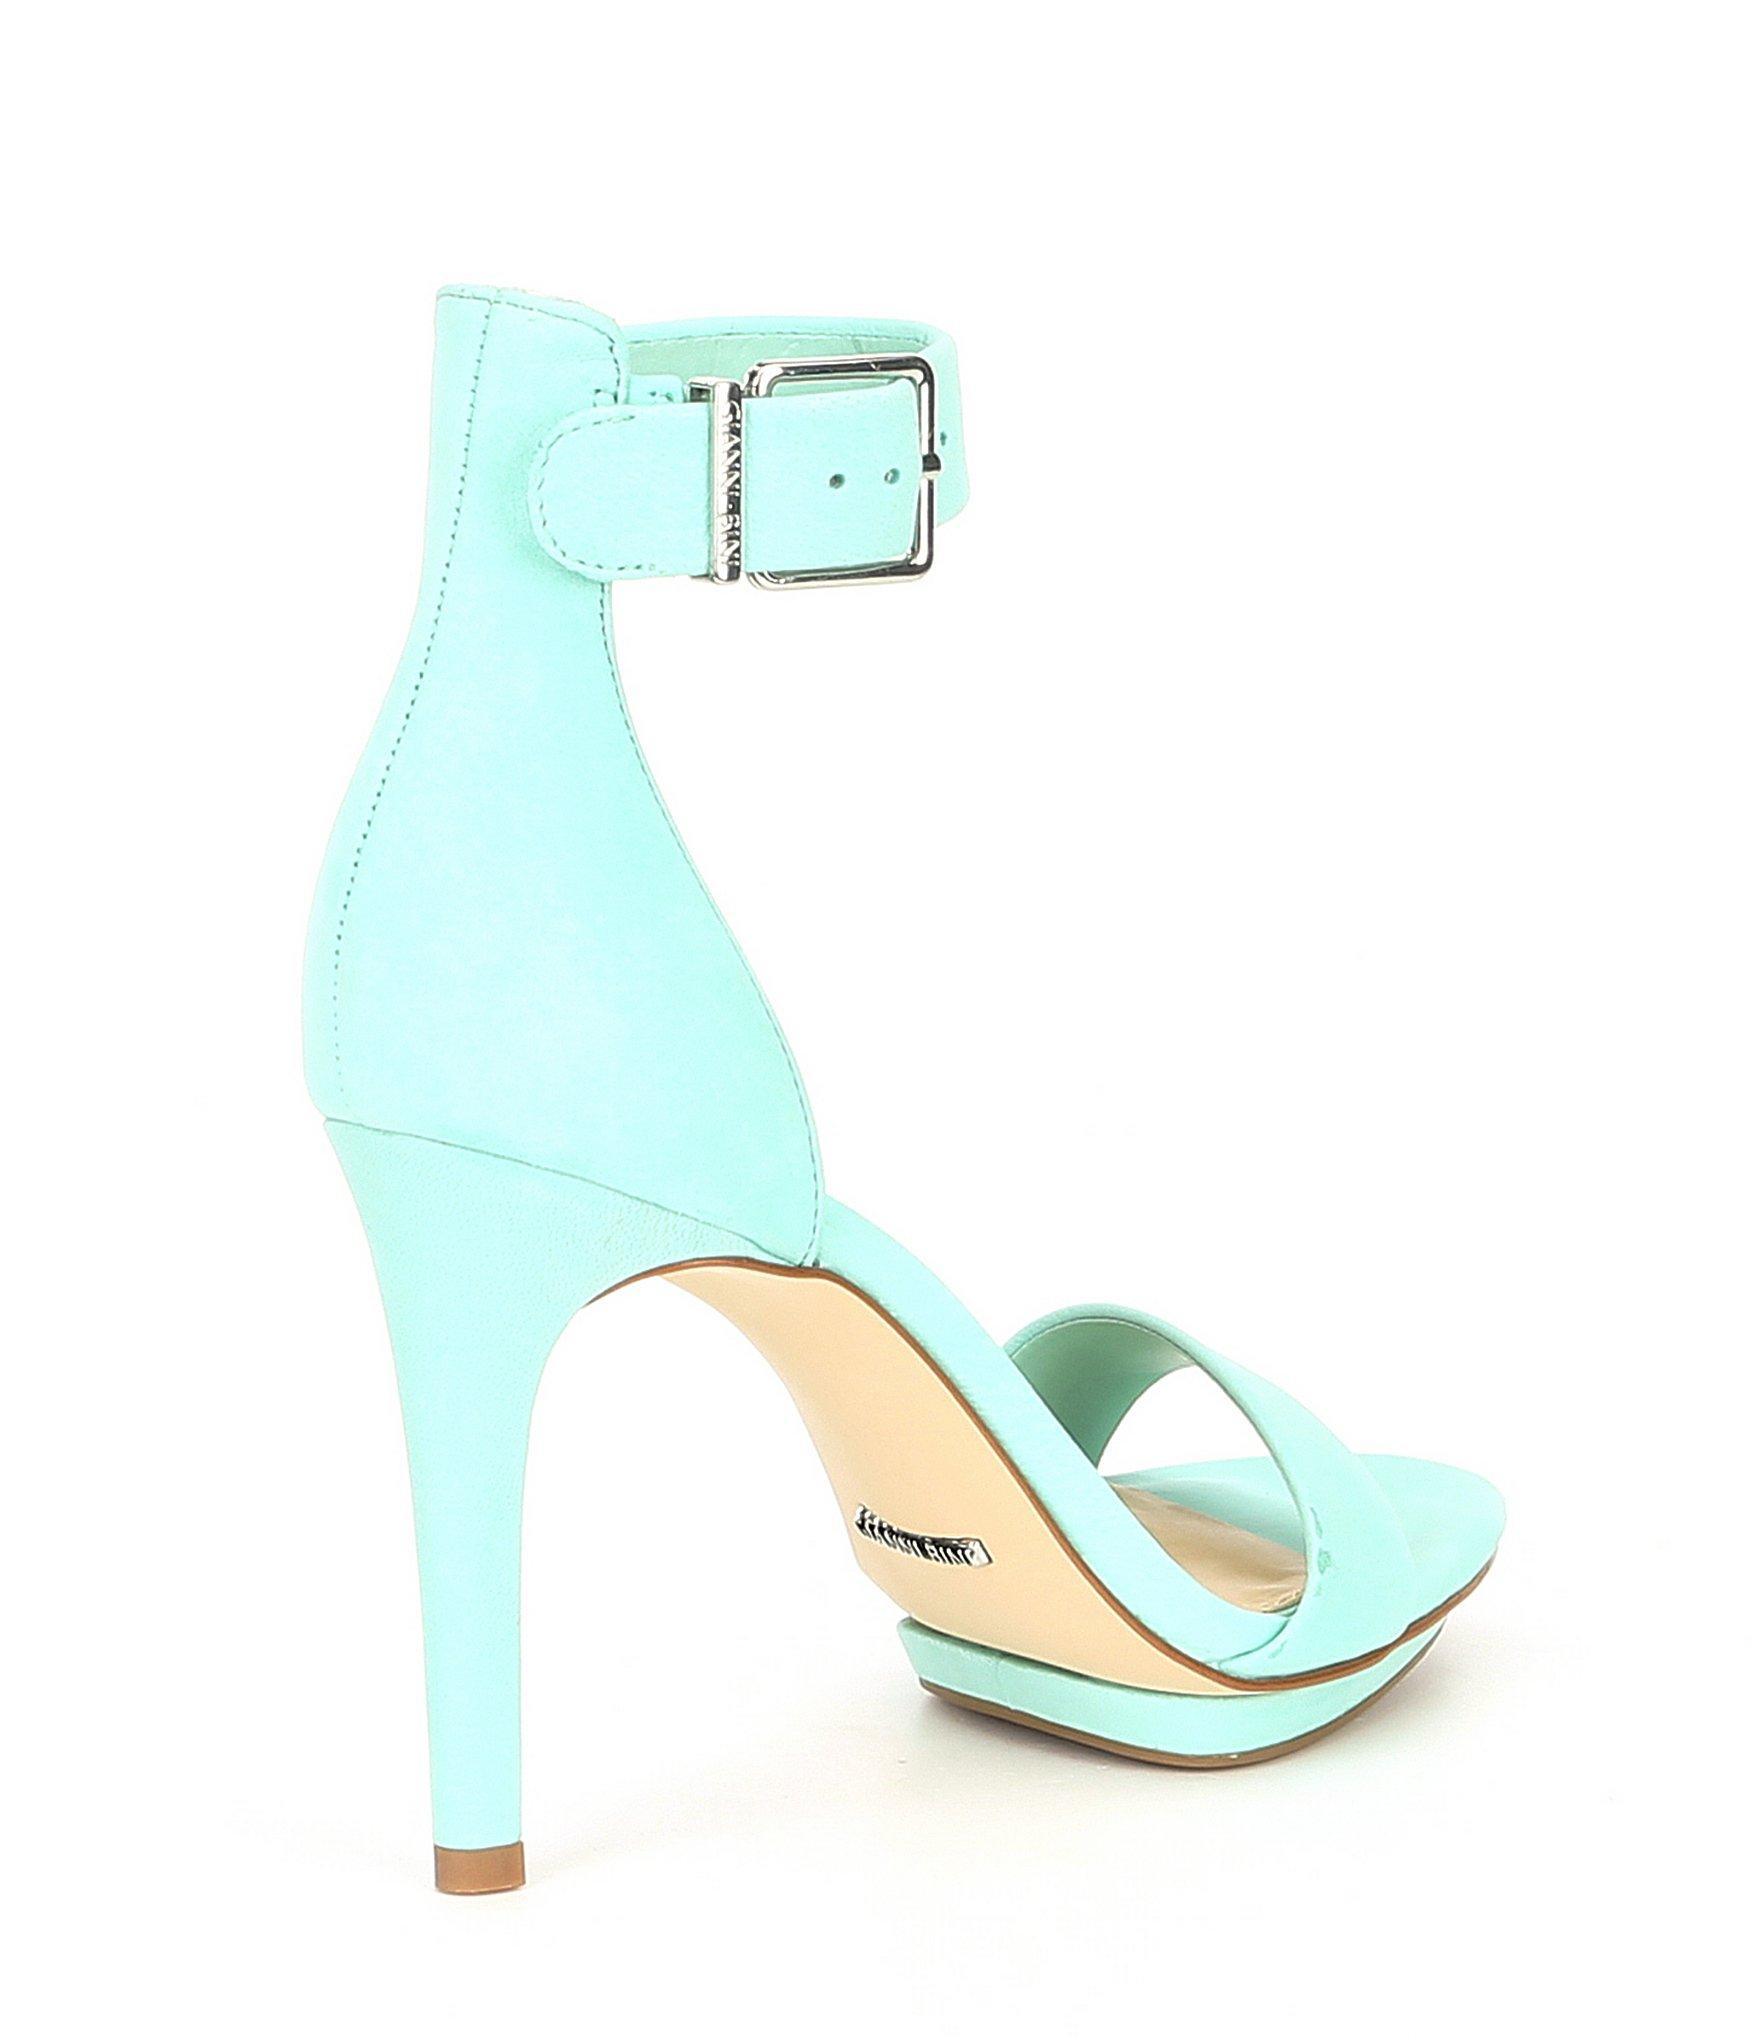 d5ccd96ba5a Gianni Bini - Blue Lizette Nubuck Dress Sandals - Lyst. View fullscreen